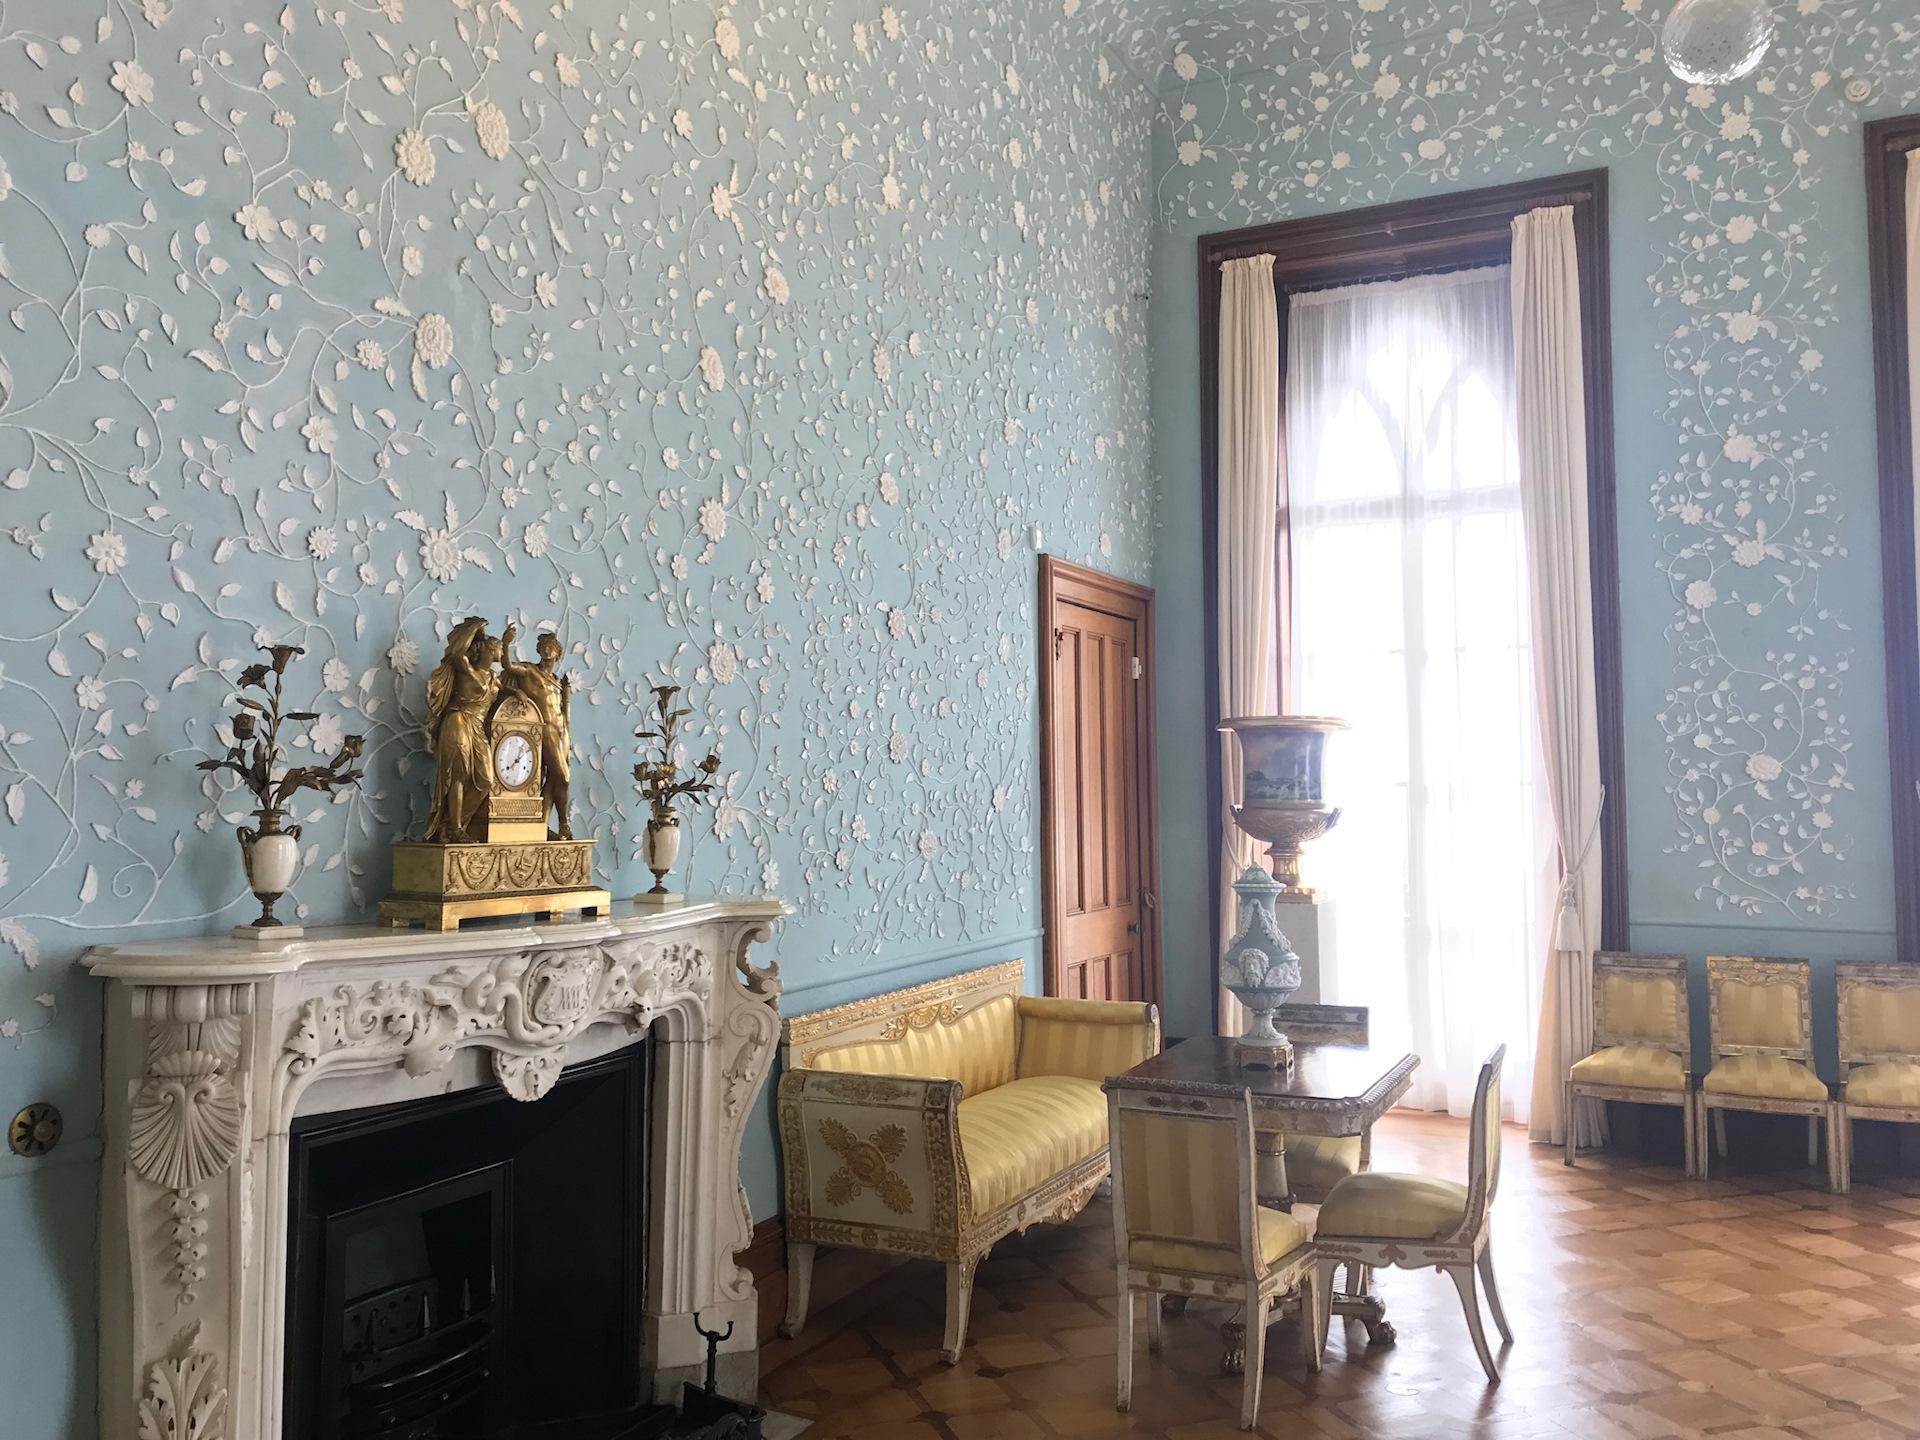 рассмотрели всего воронцовский дворец голубая комната фото создаётся полка, цвет